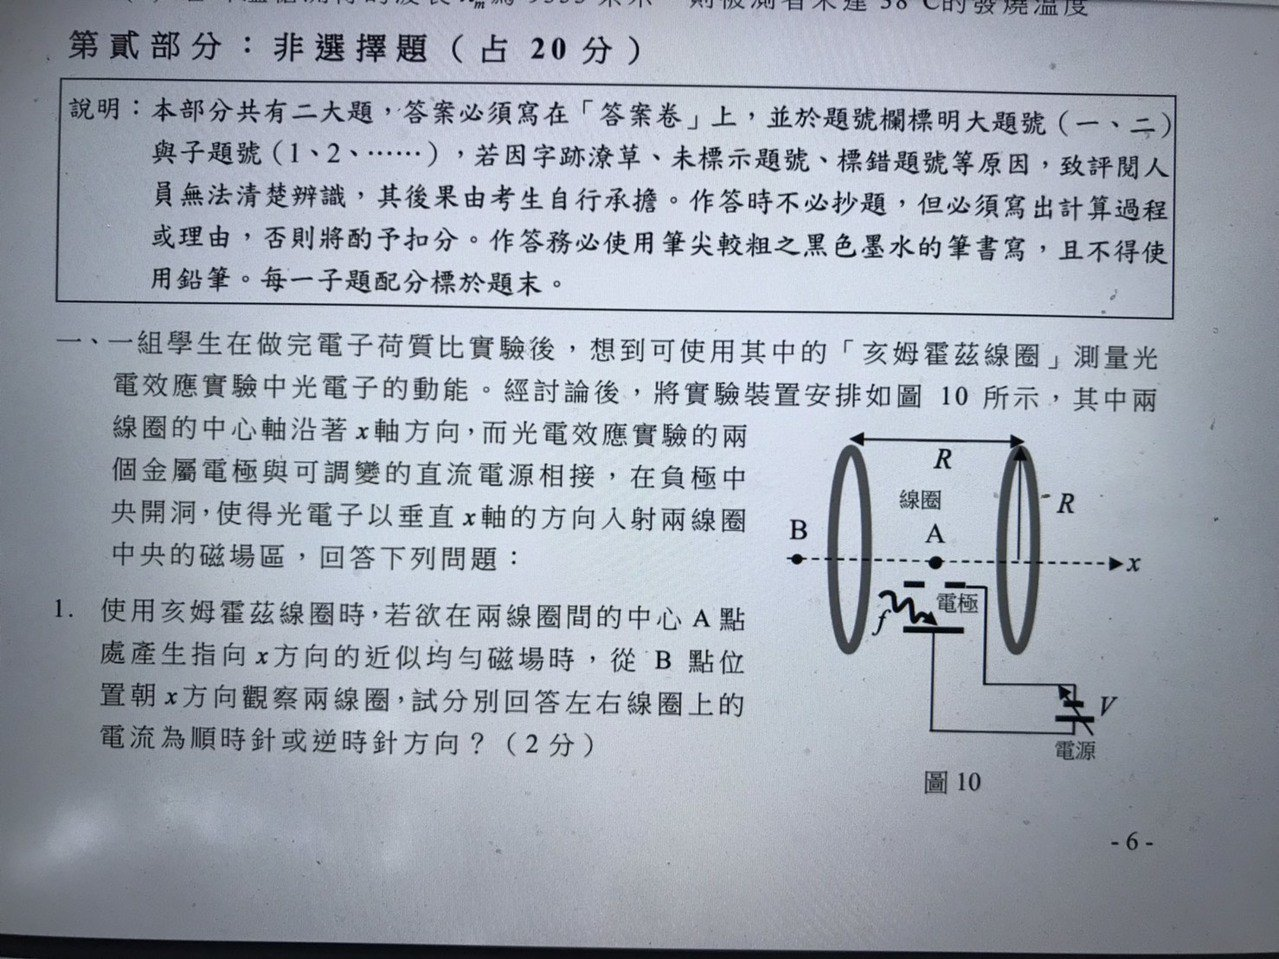 107指考物理科實驗題。圖/取自大考中心